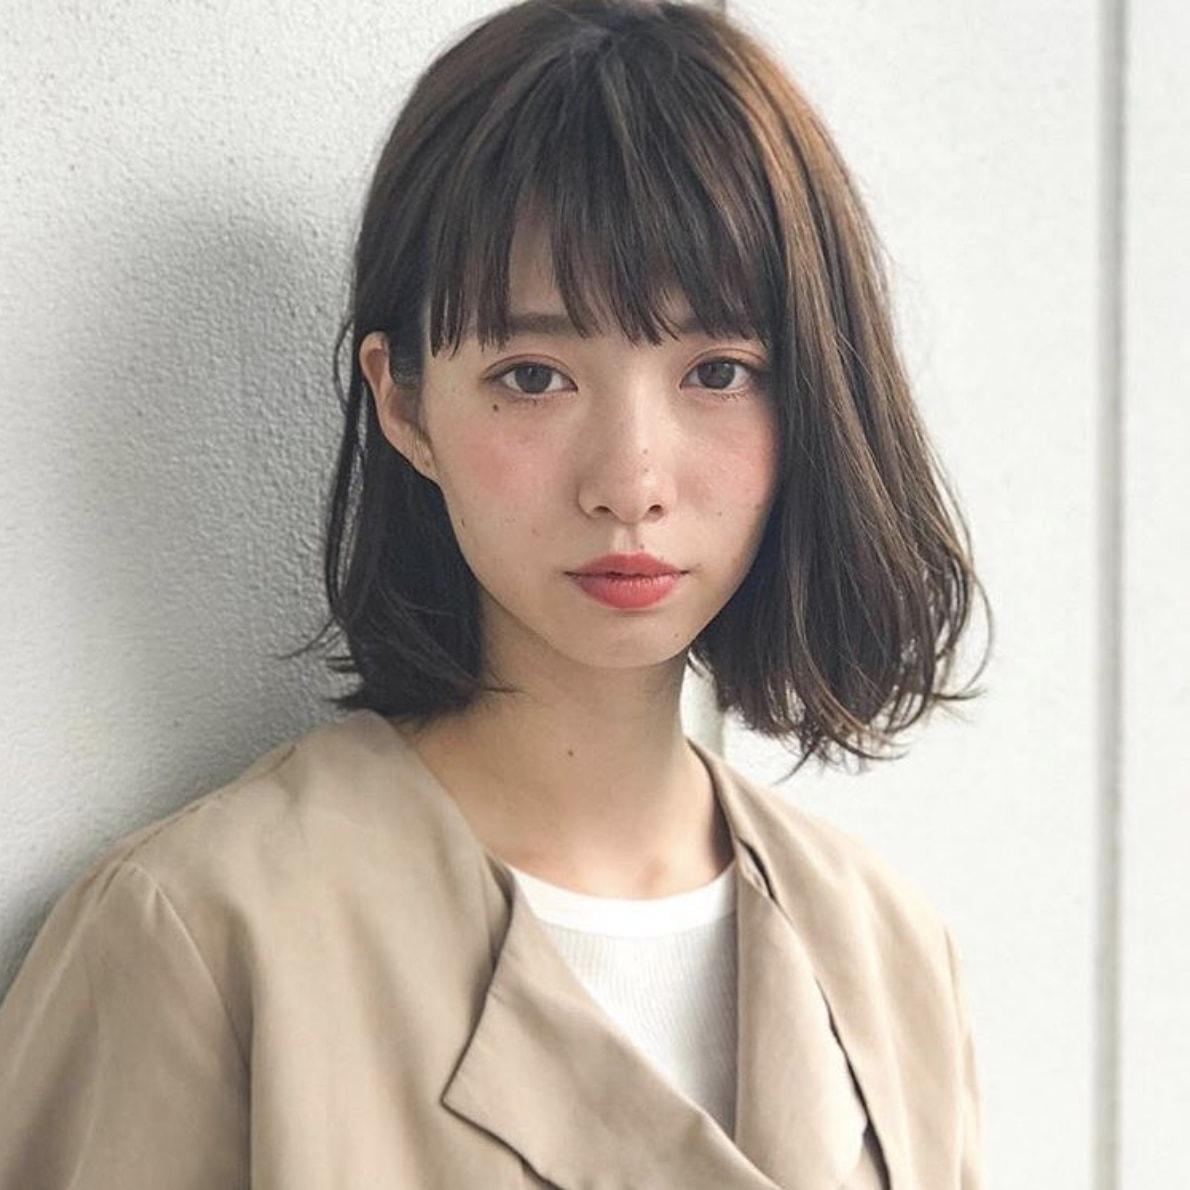 【40代髪型】「面長さん」に似合うおすすめ「ミディアム」ヘアカタログ|LALA[ララ]